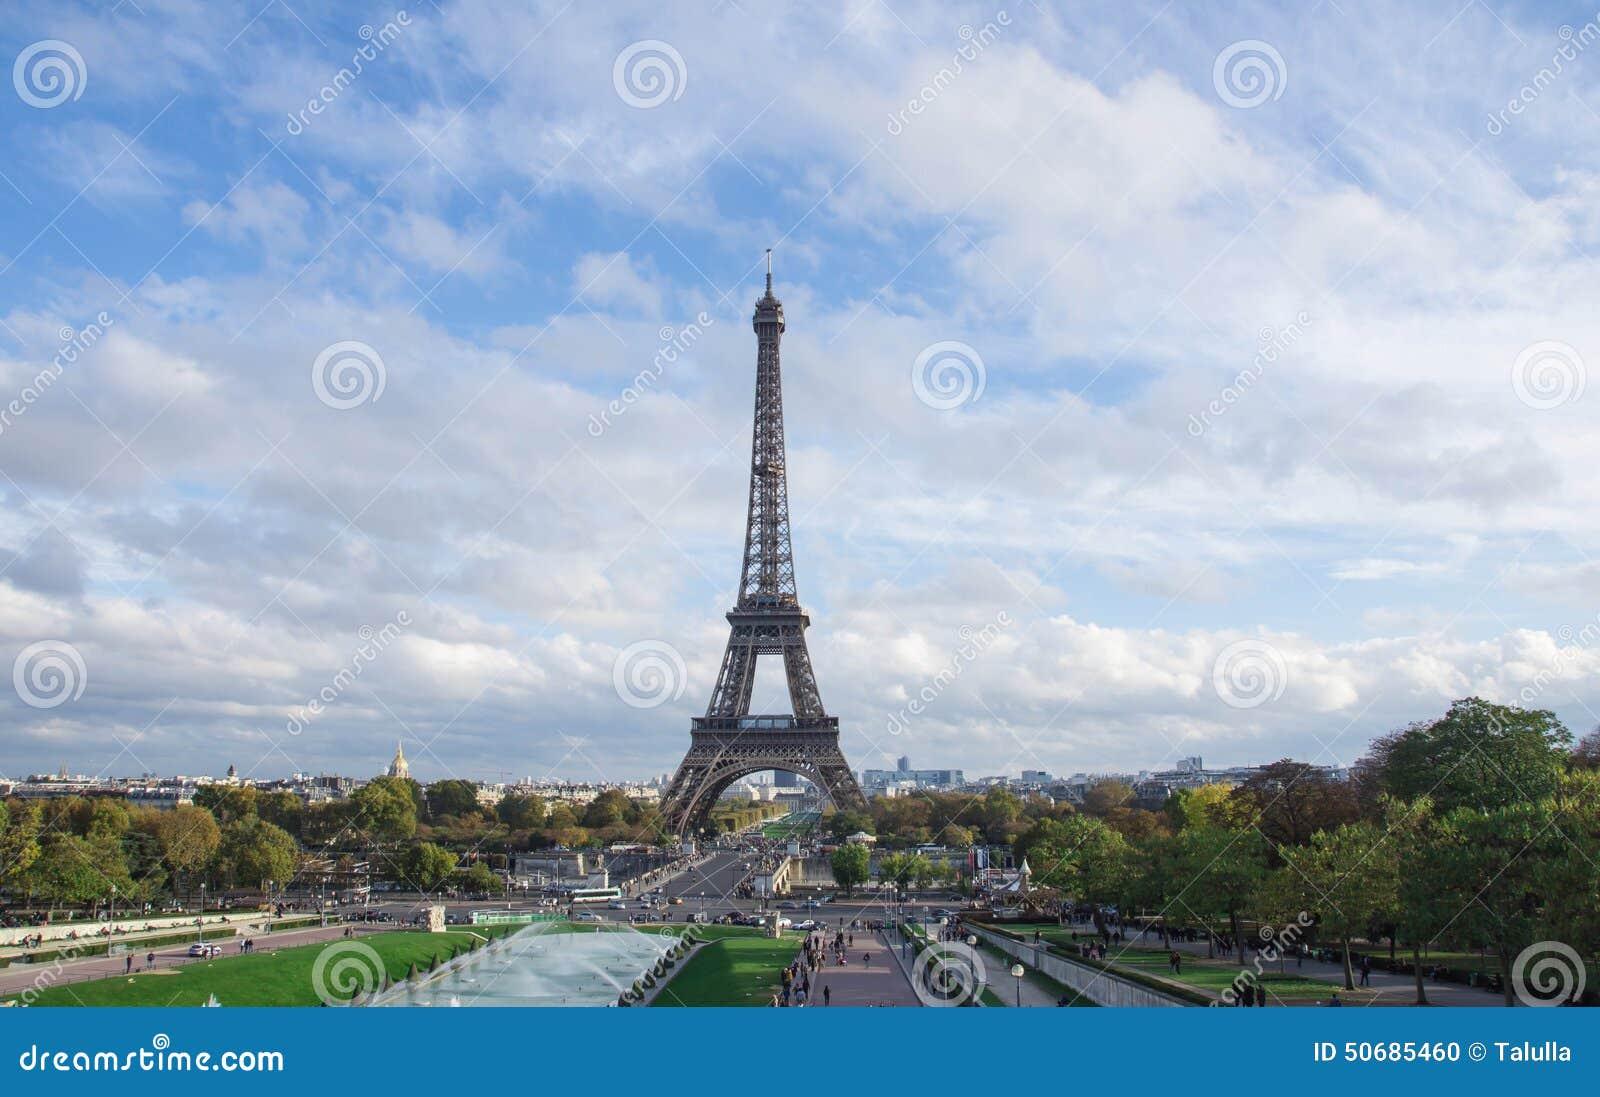 Download 埃菲尔・巴黎塔 库存照片. 图片 包括有 埃菲尔, 假期, 城市, 蓝色, 美丽如画, 巴黎, 秋天, 纪念碑 - 50685460